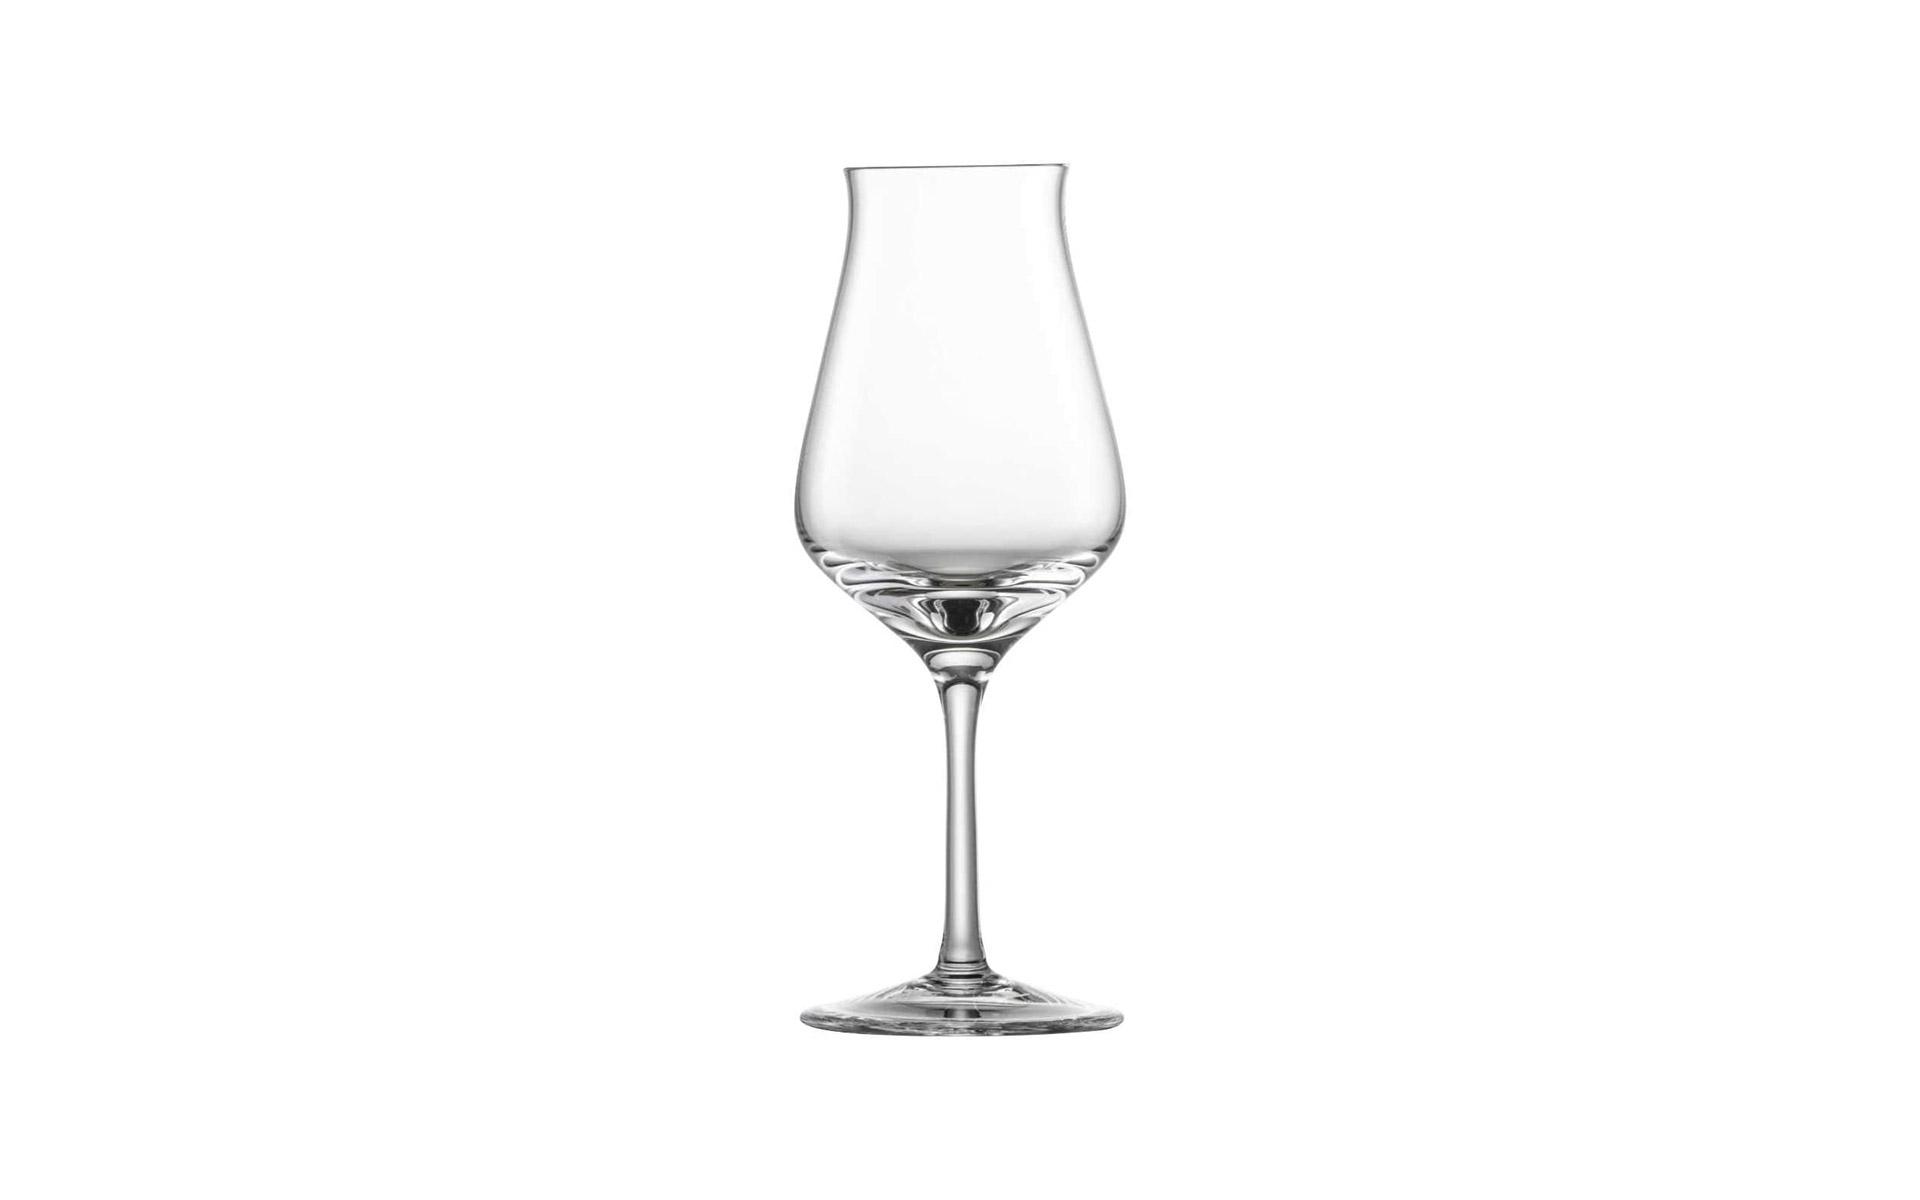 Eisch Gläser Jeunesse Weißwein 270ml 209mm